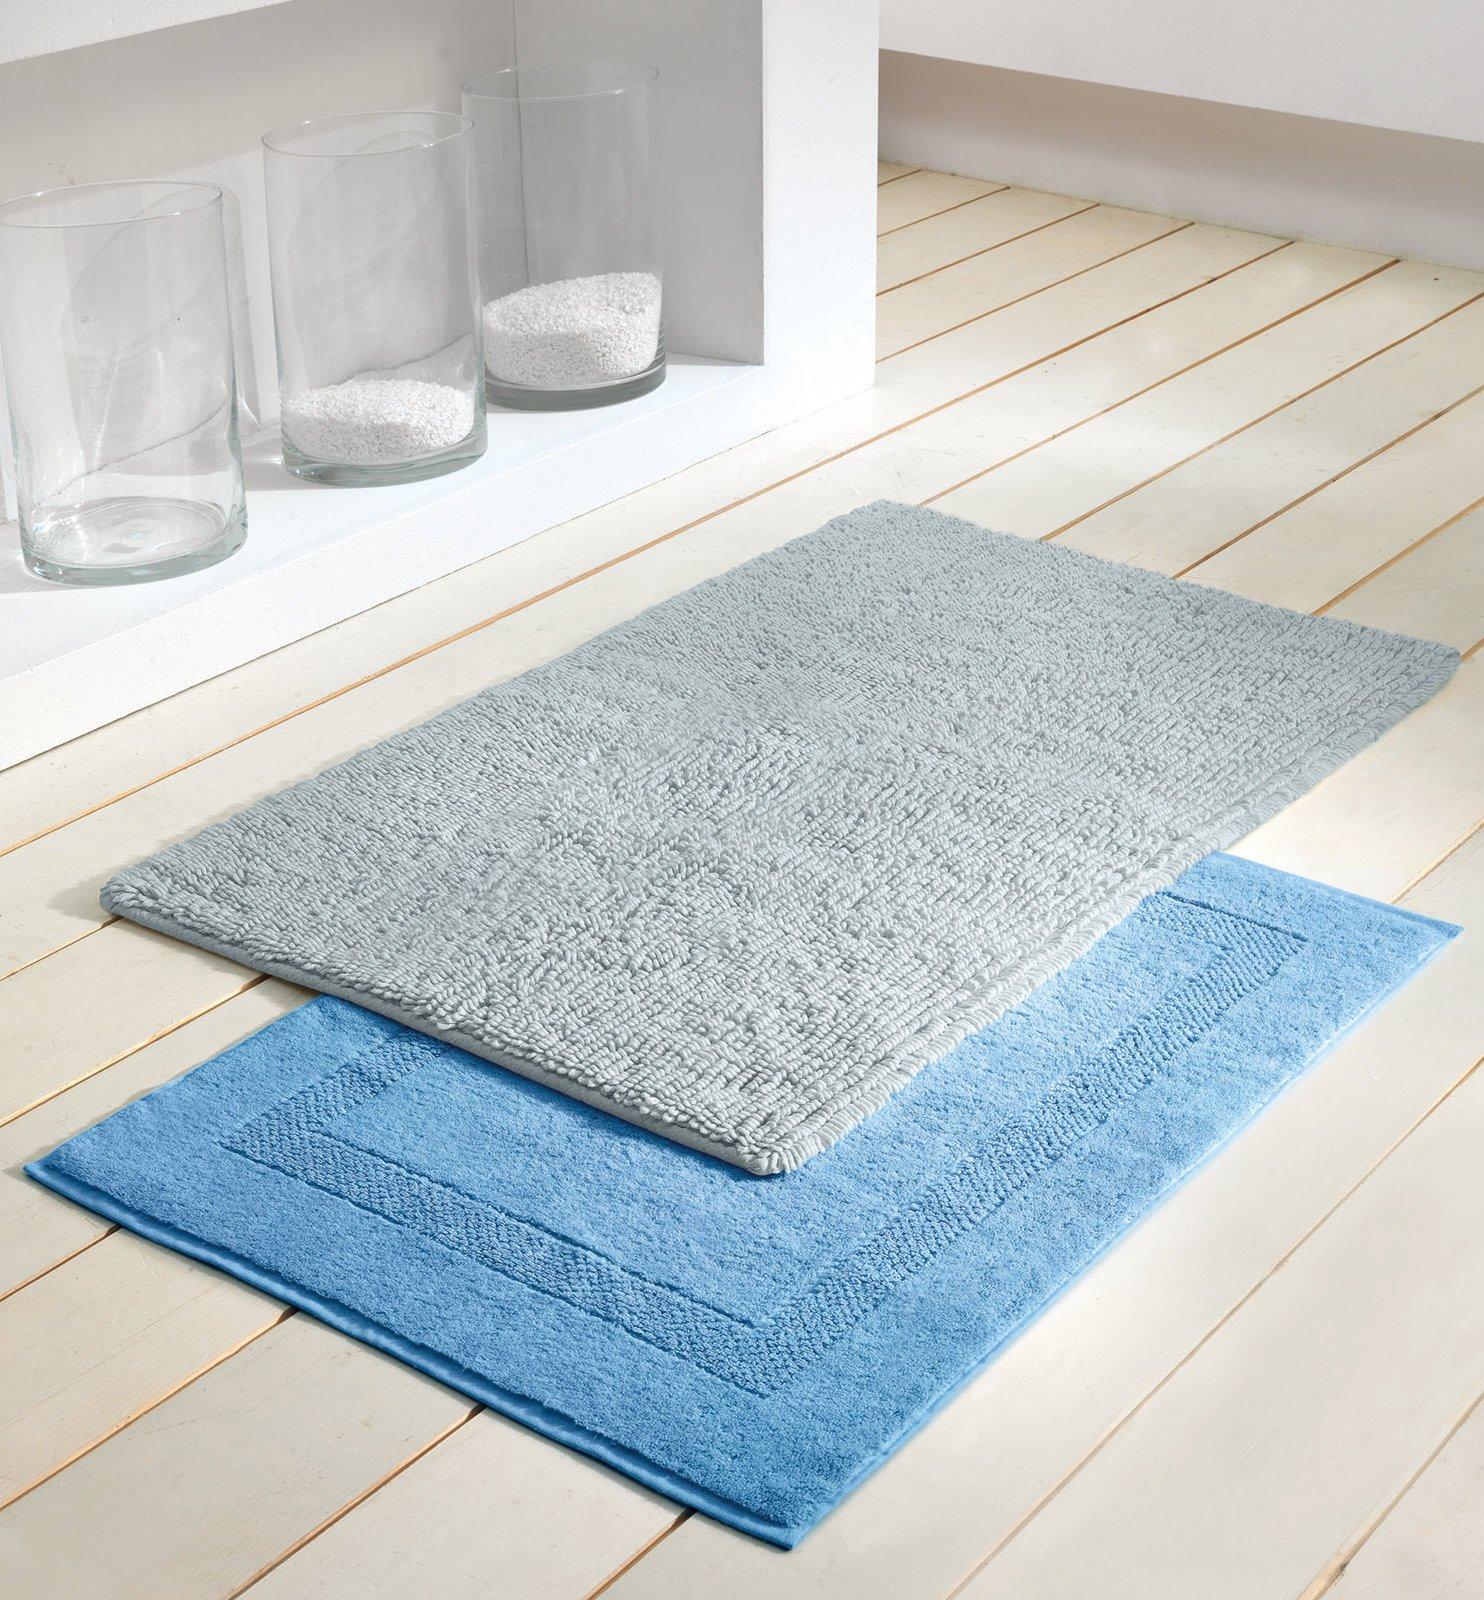 Tappeti per il bagno: foto, modelli, descrizione prodotti ...